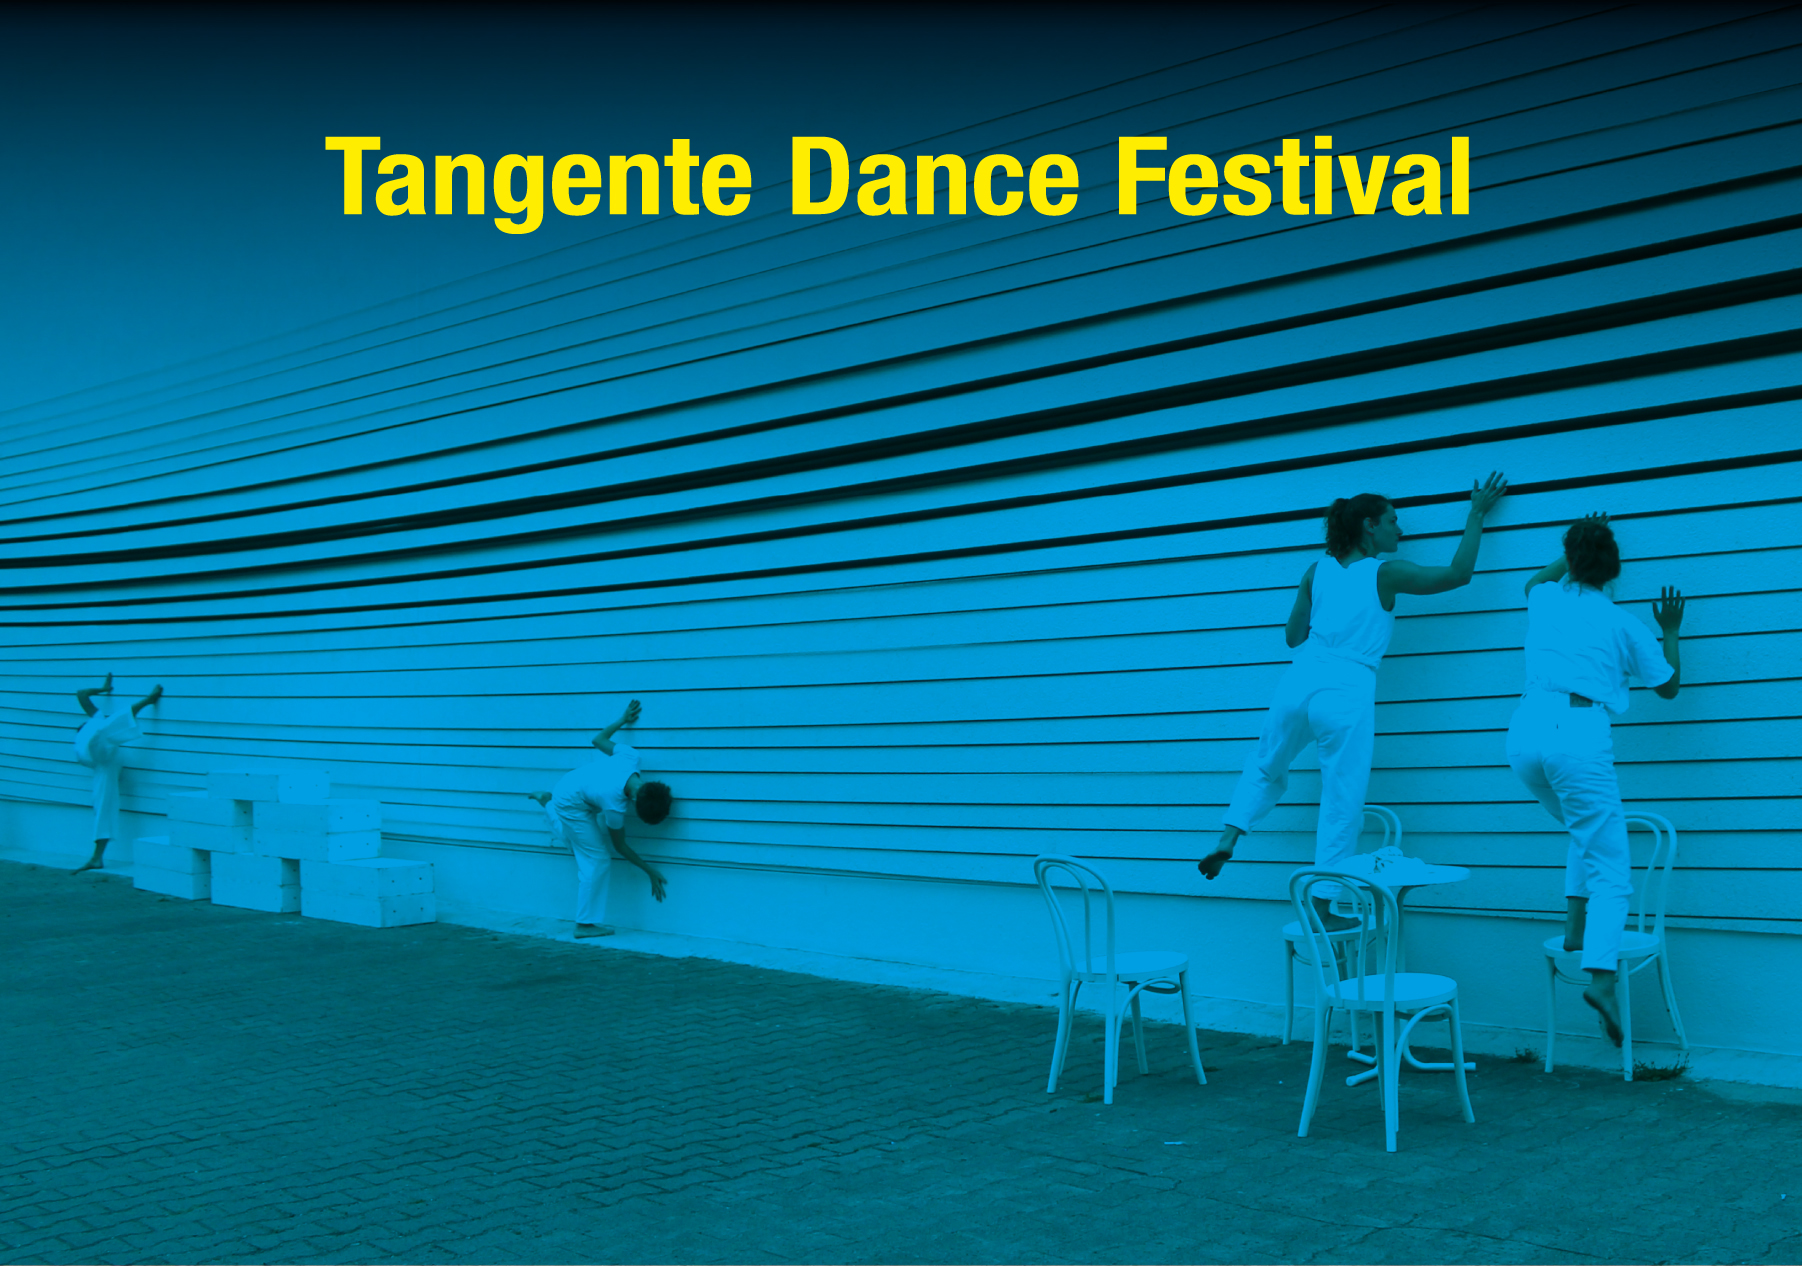 Tangente Dance Festival Titel